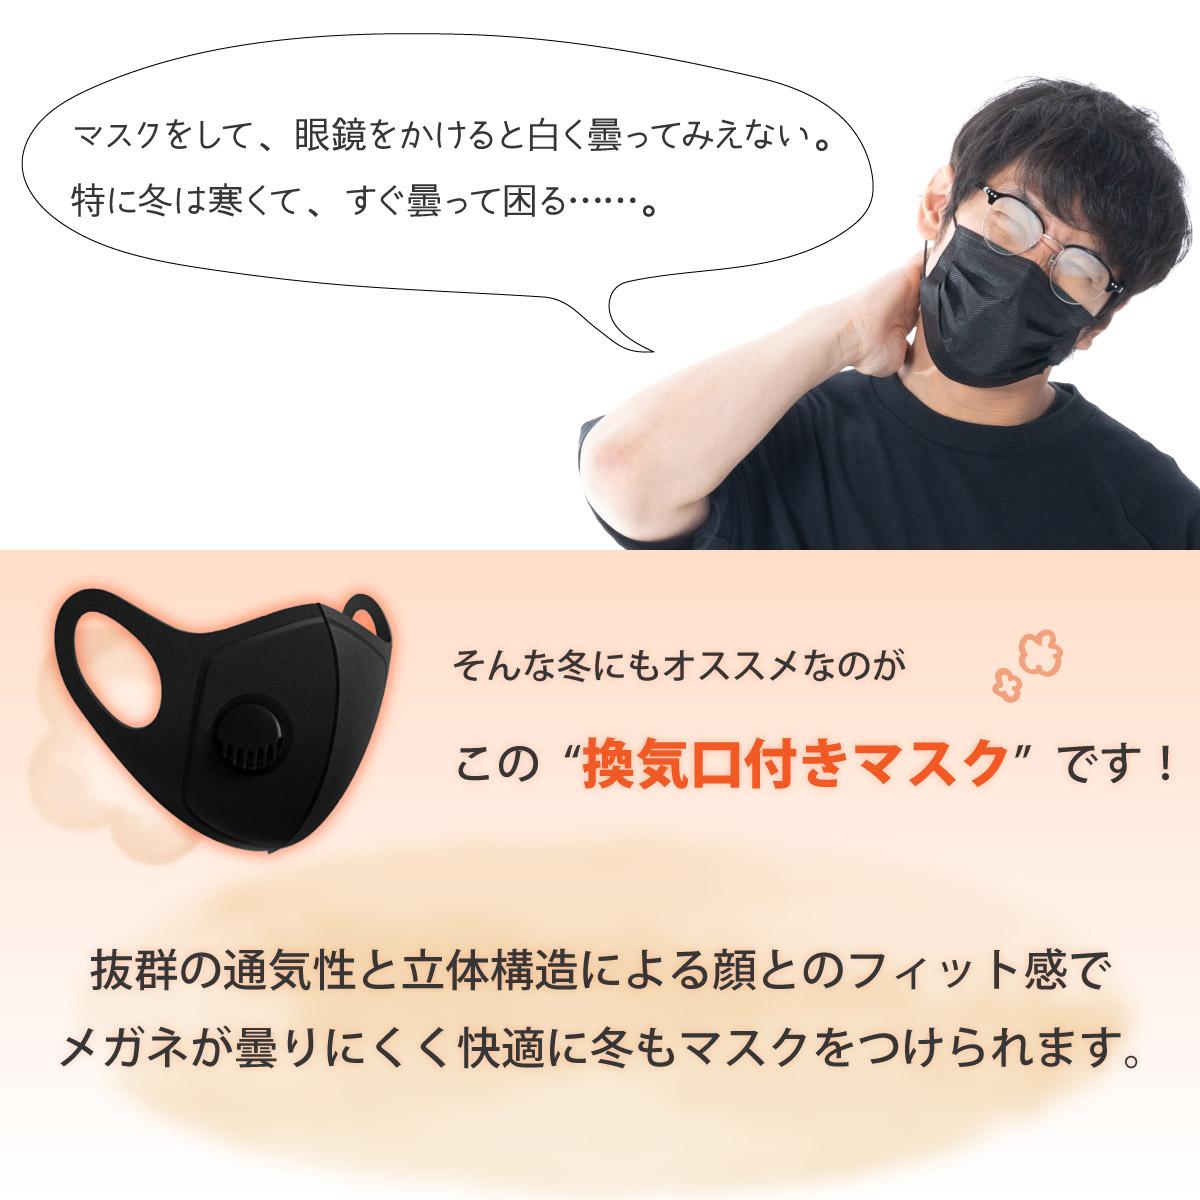 意味ない ウレタンマスク マスクは「不織布マスクを、鼻は出さないください」〜マスクの正しい知識・新型コロナウイルス感染防止に向けた取り組み・10〜